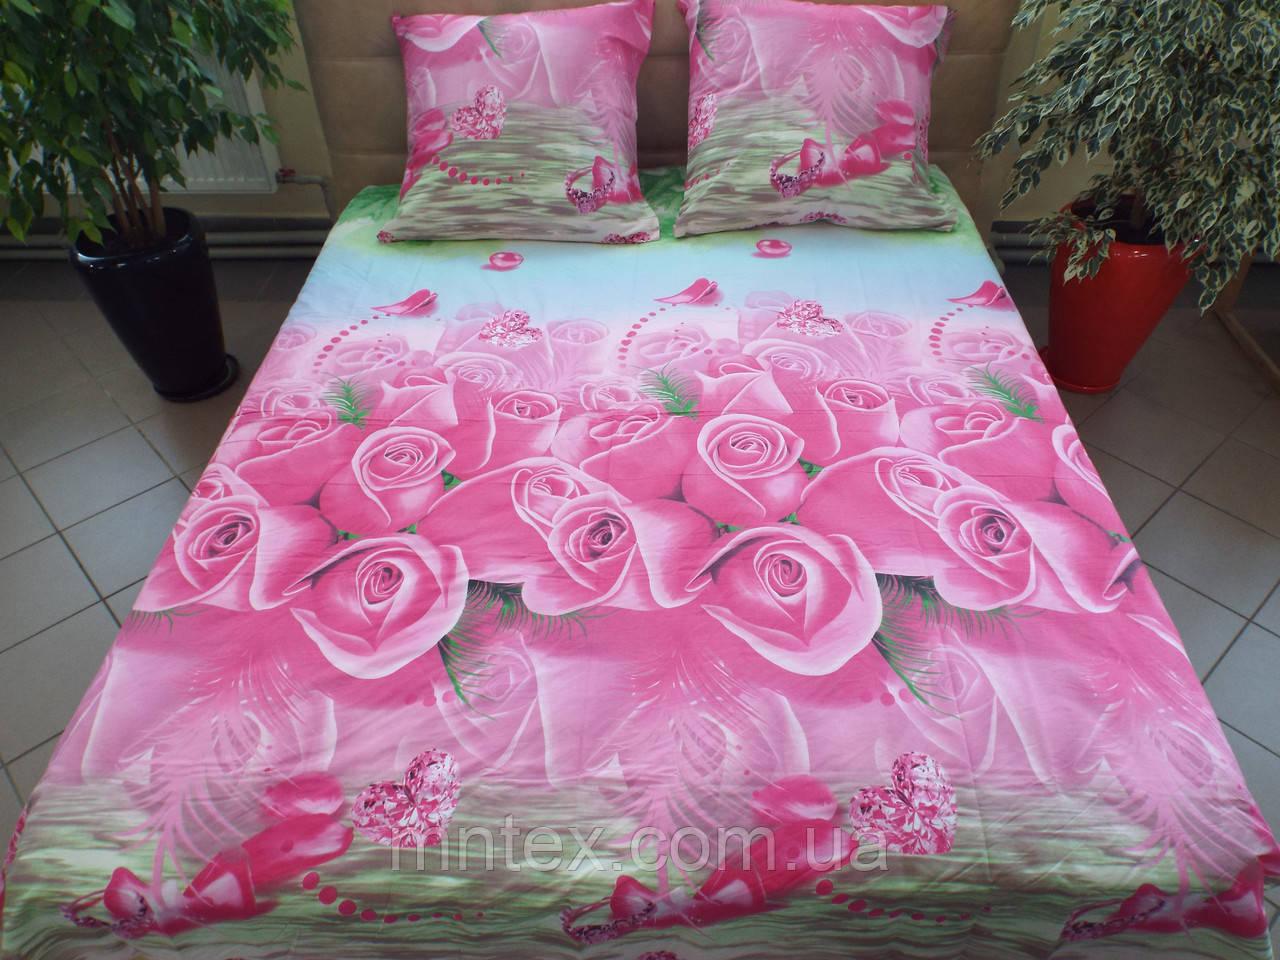 Комплект постельного белья ранфорс Розы